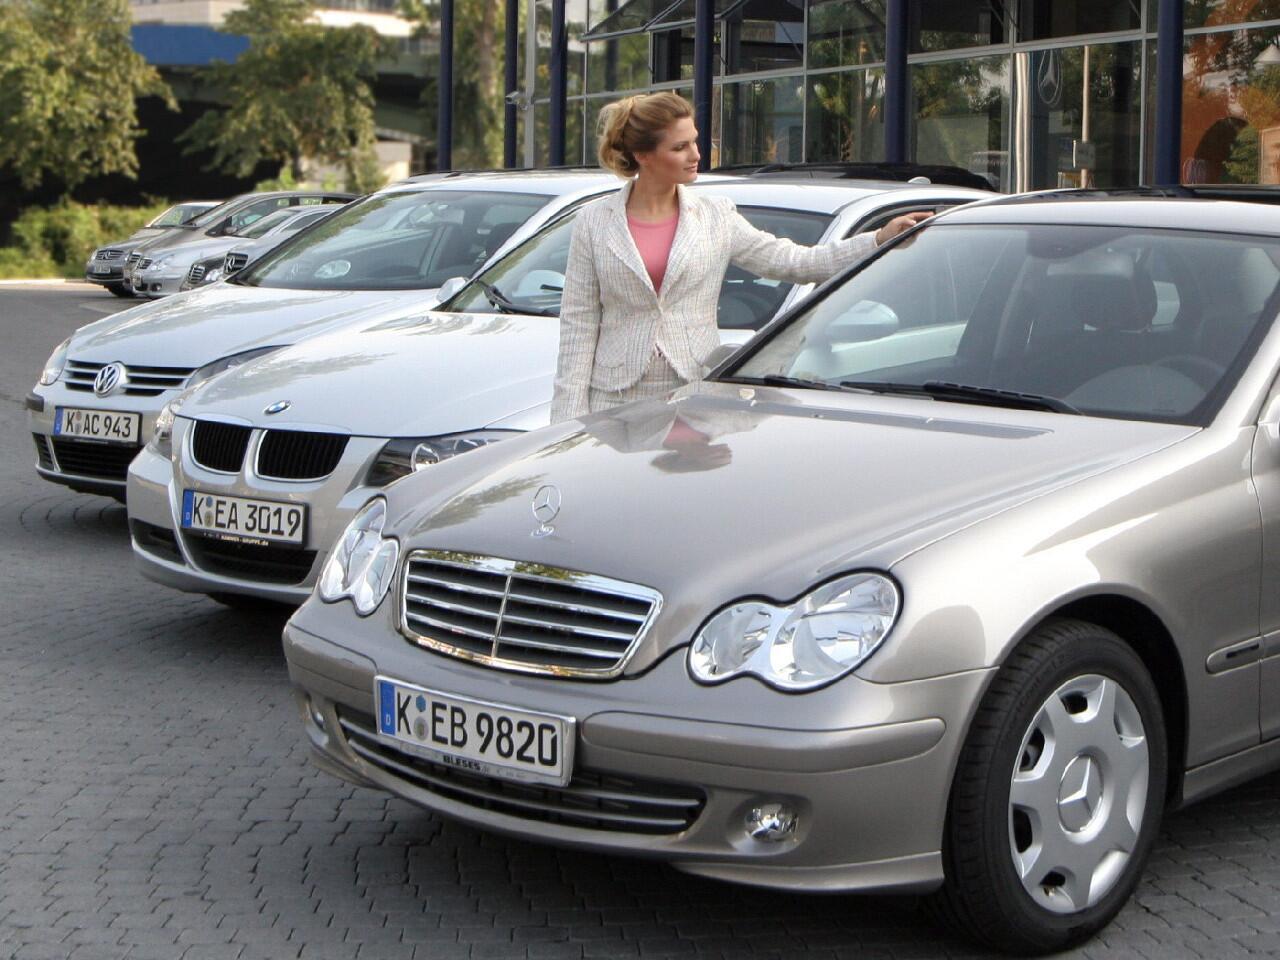 Bild zu Leasing als Alternative zum Fahrzeugkauf